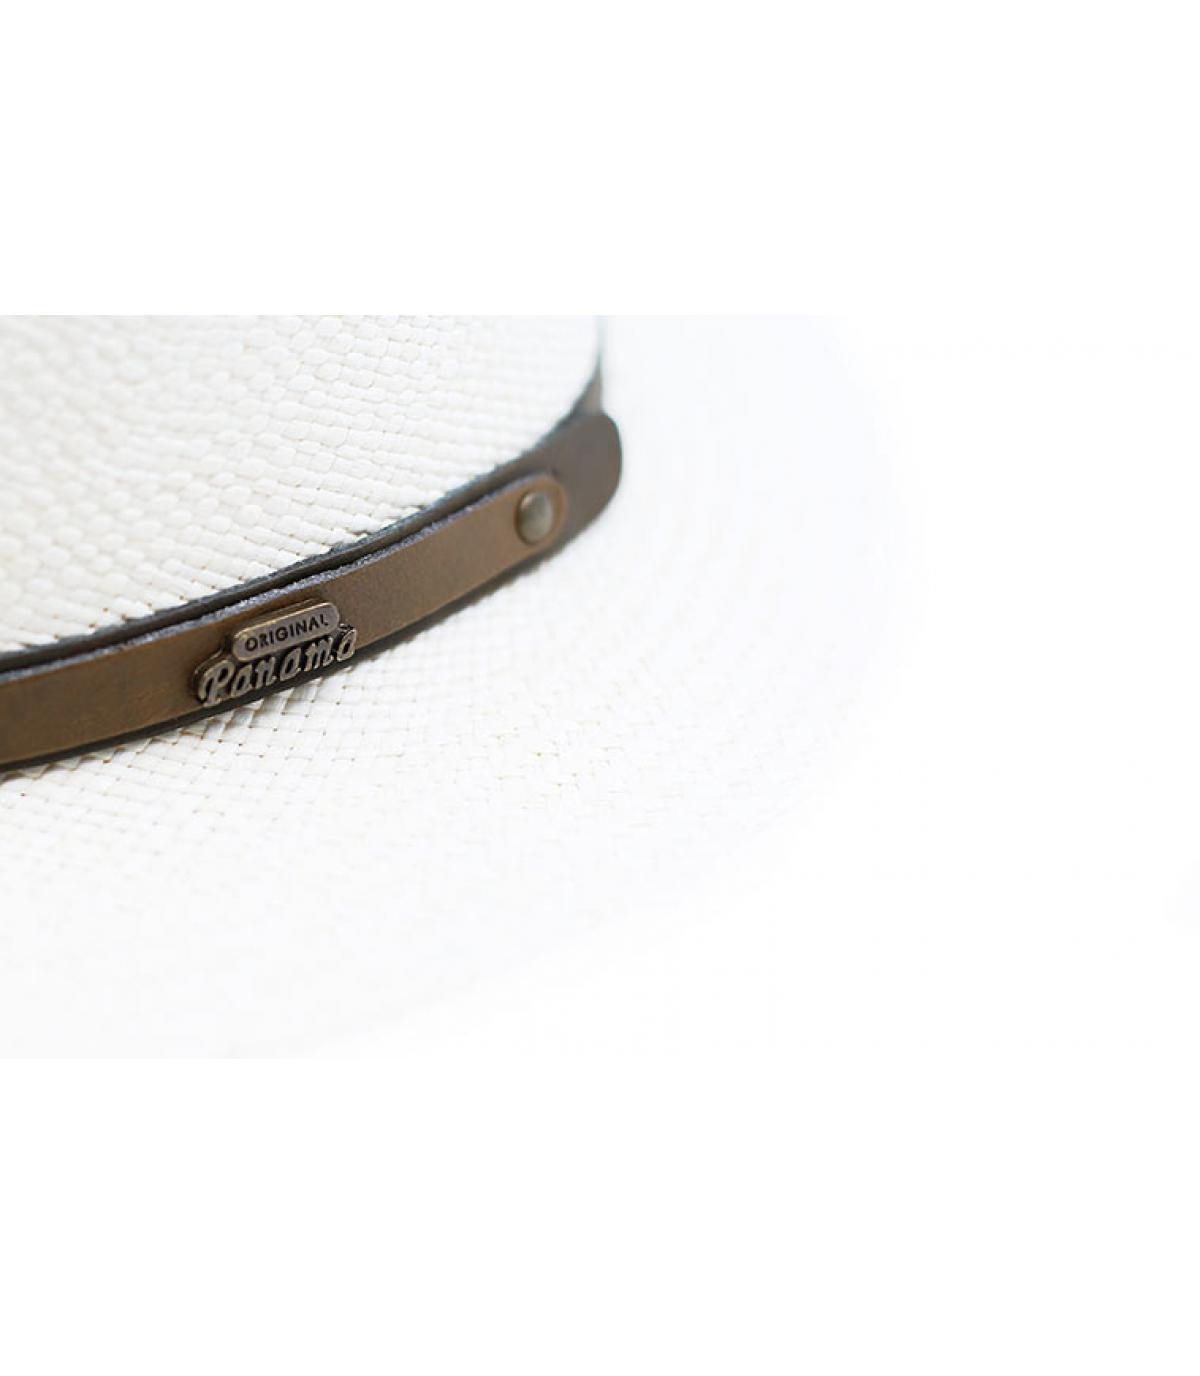 Détails James Panama Brisas Superieur blanchi - image 3